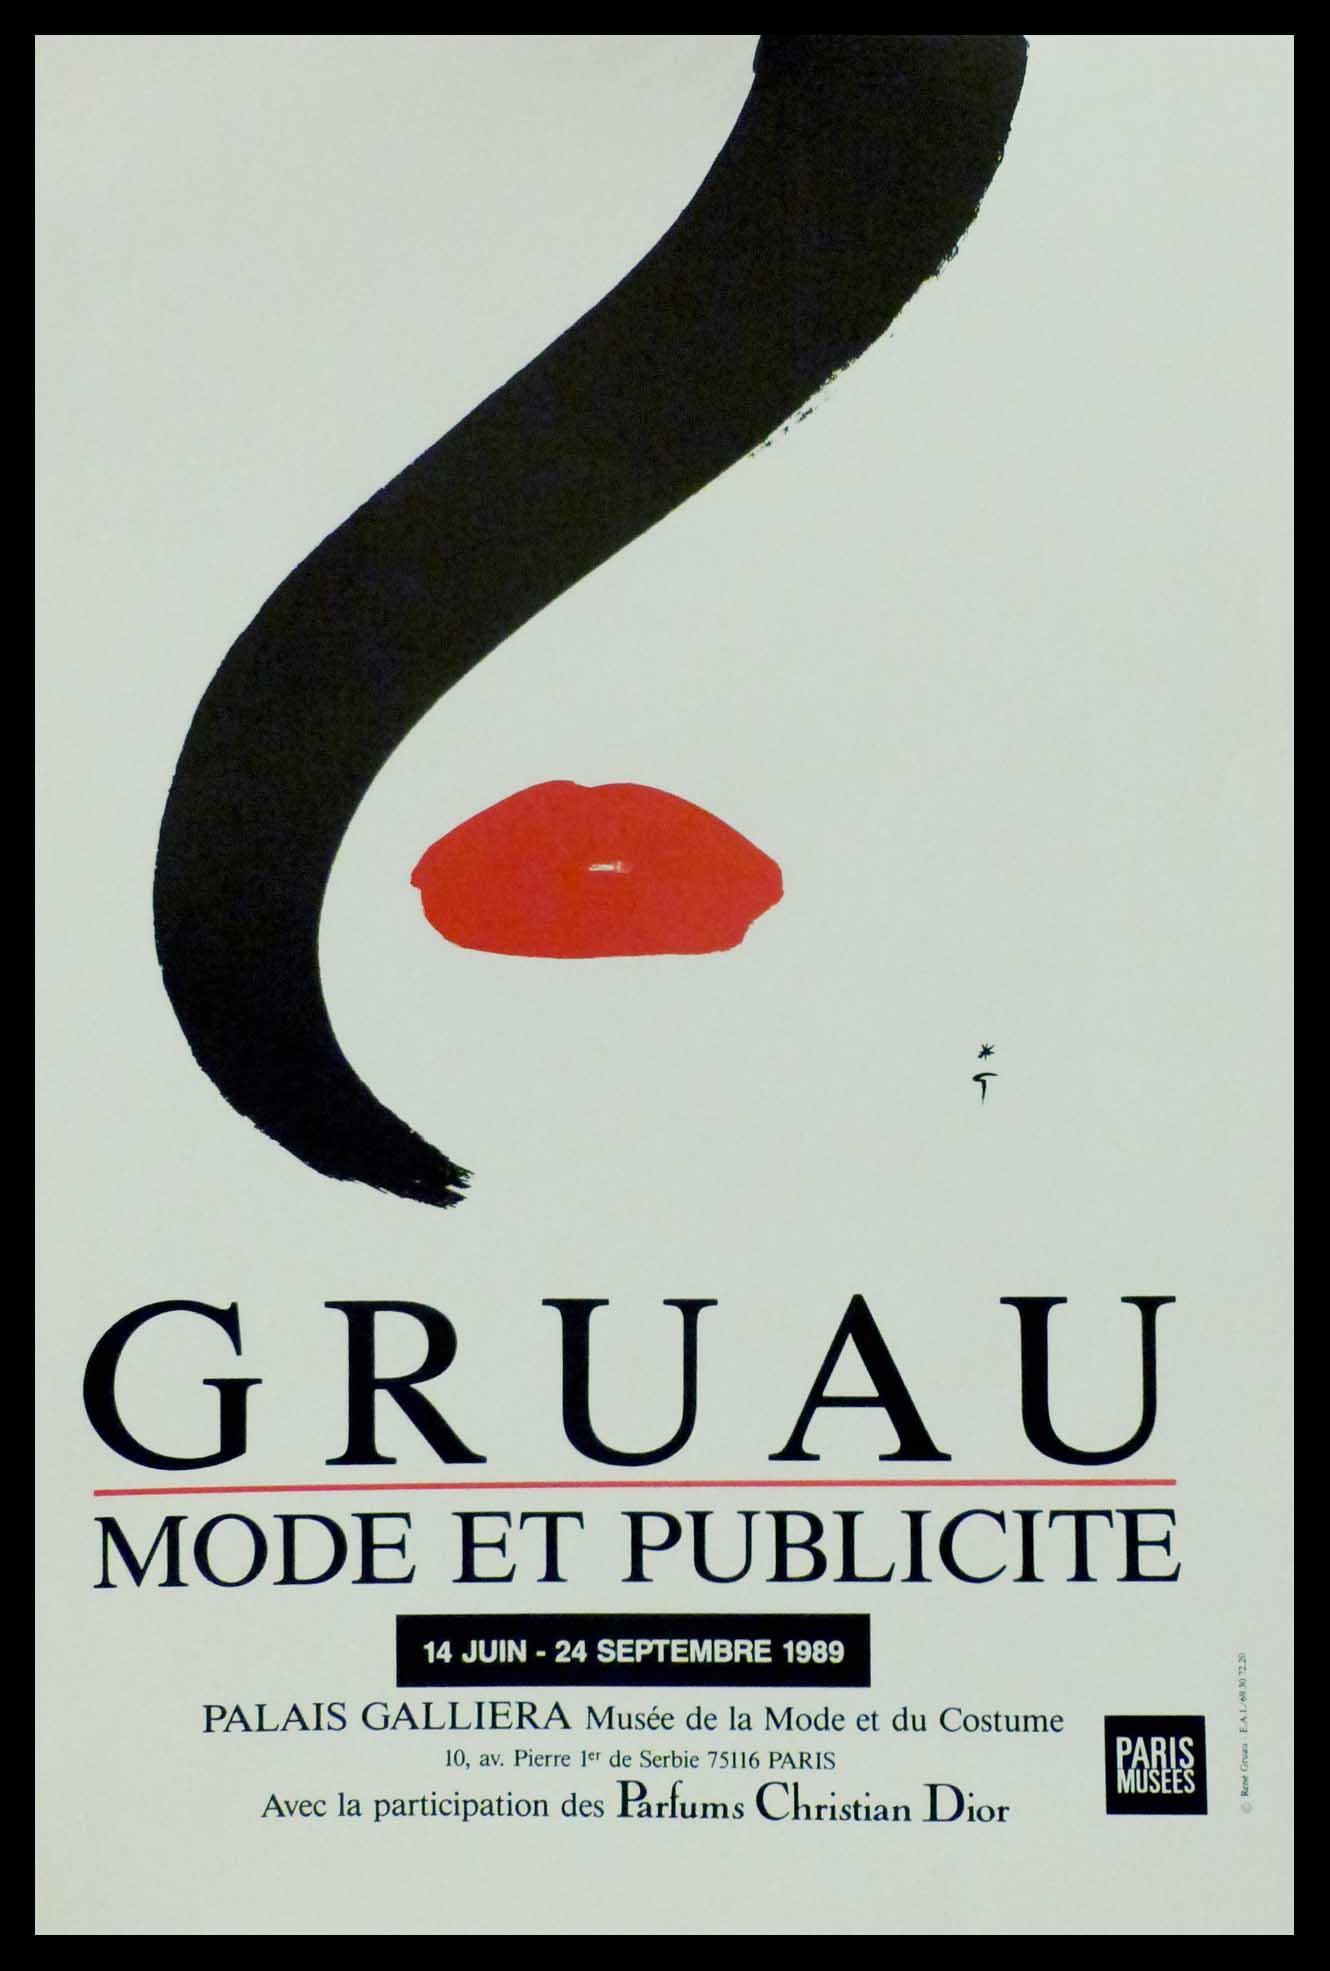 """(alt=""""original vintage poster Gruau Mode & Publicité 1989, signed in the plate by R. Gruau and printed by Paris musées"""")"""